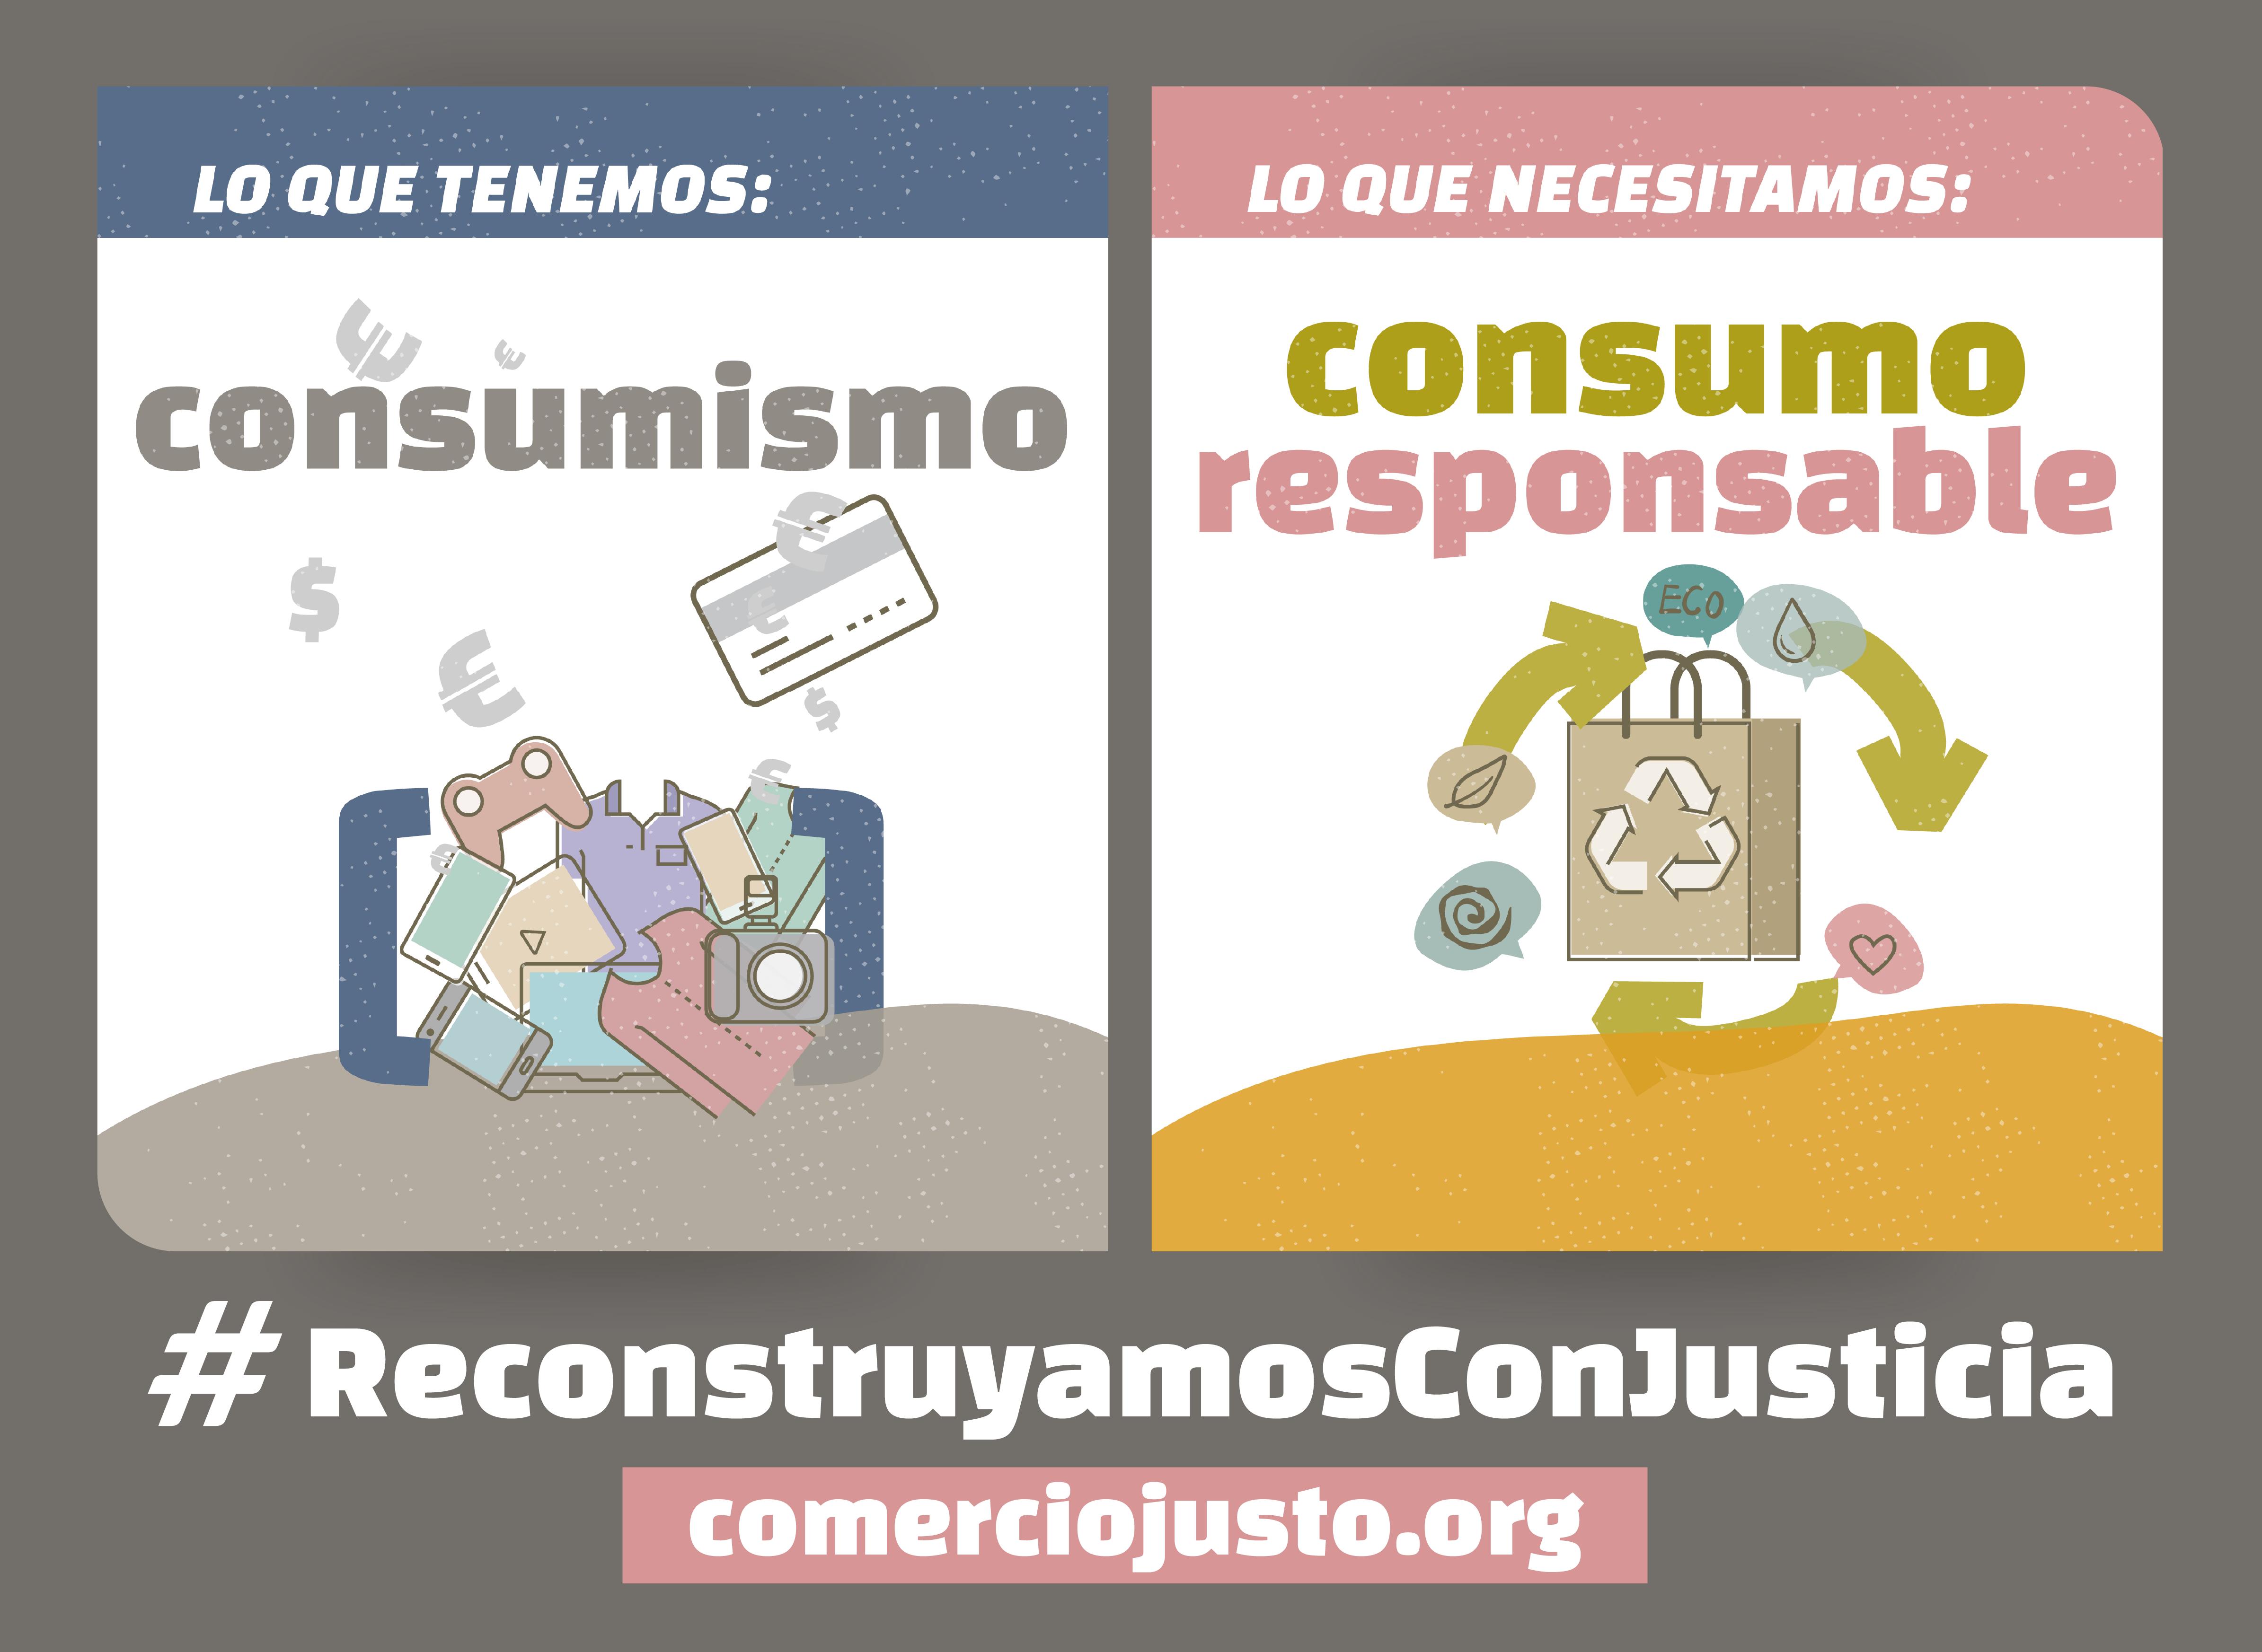 Coordinadora estatal de comercio justo Consumo